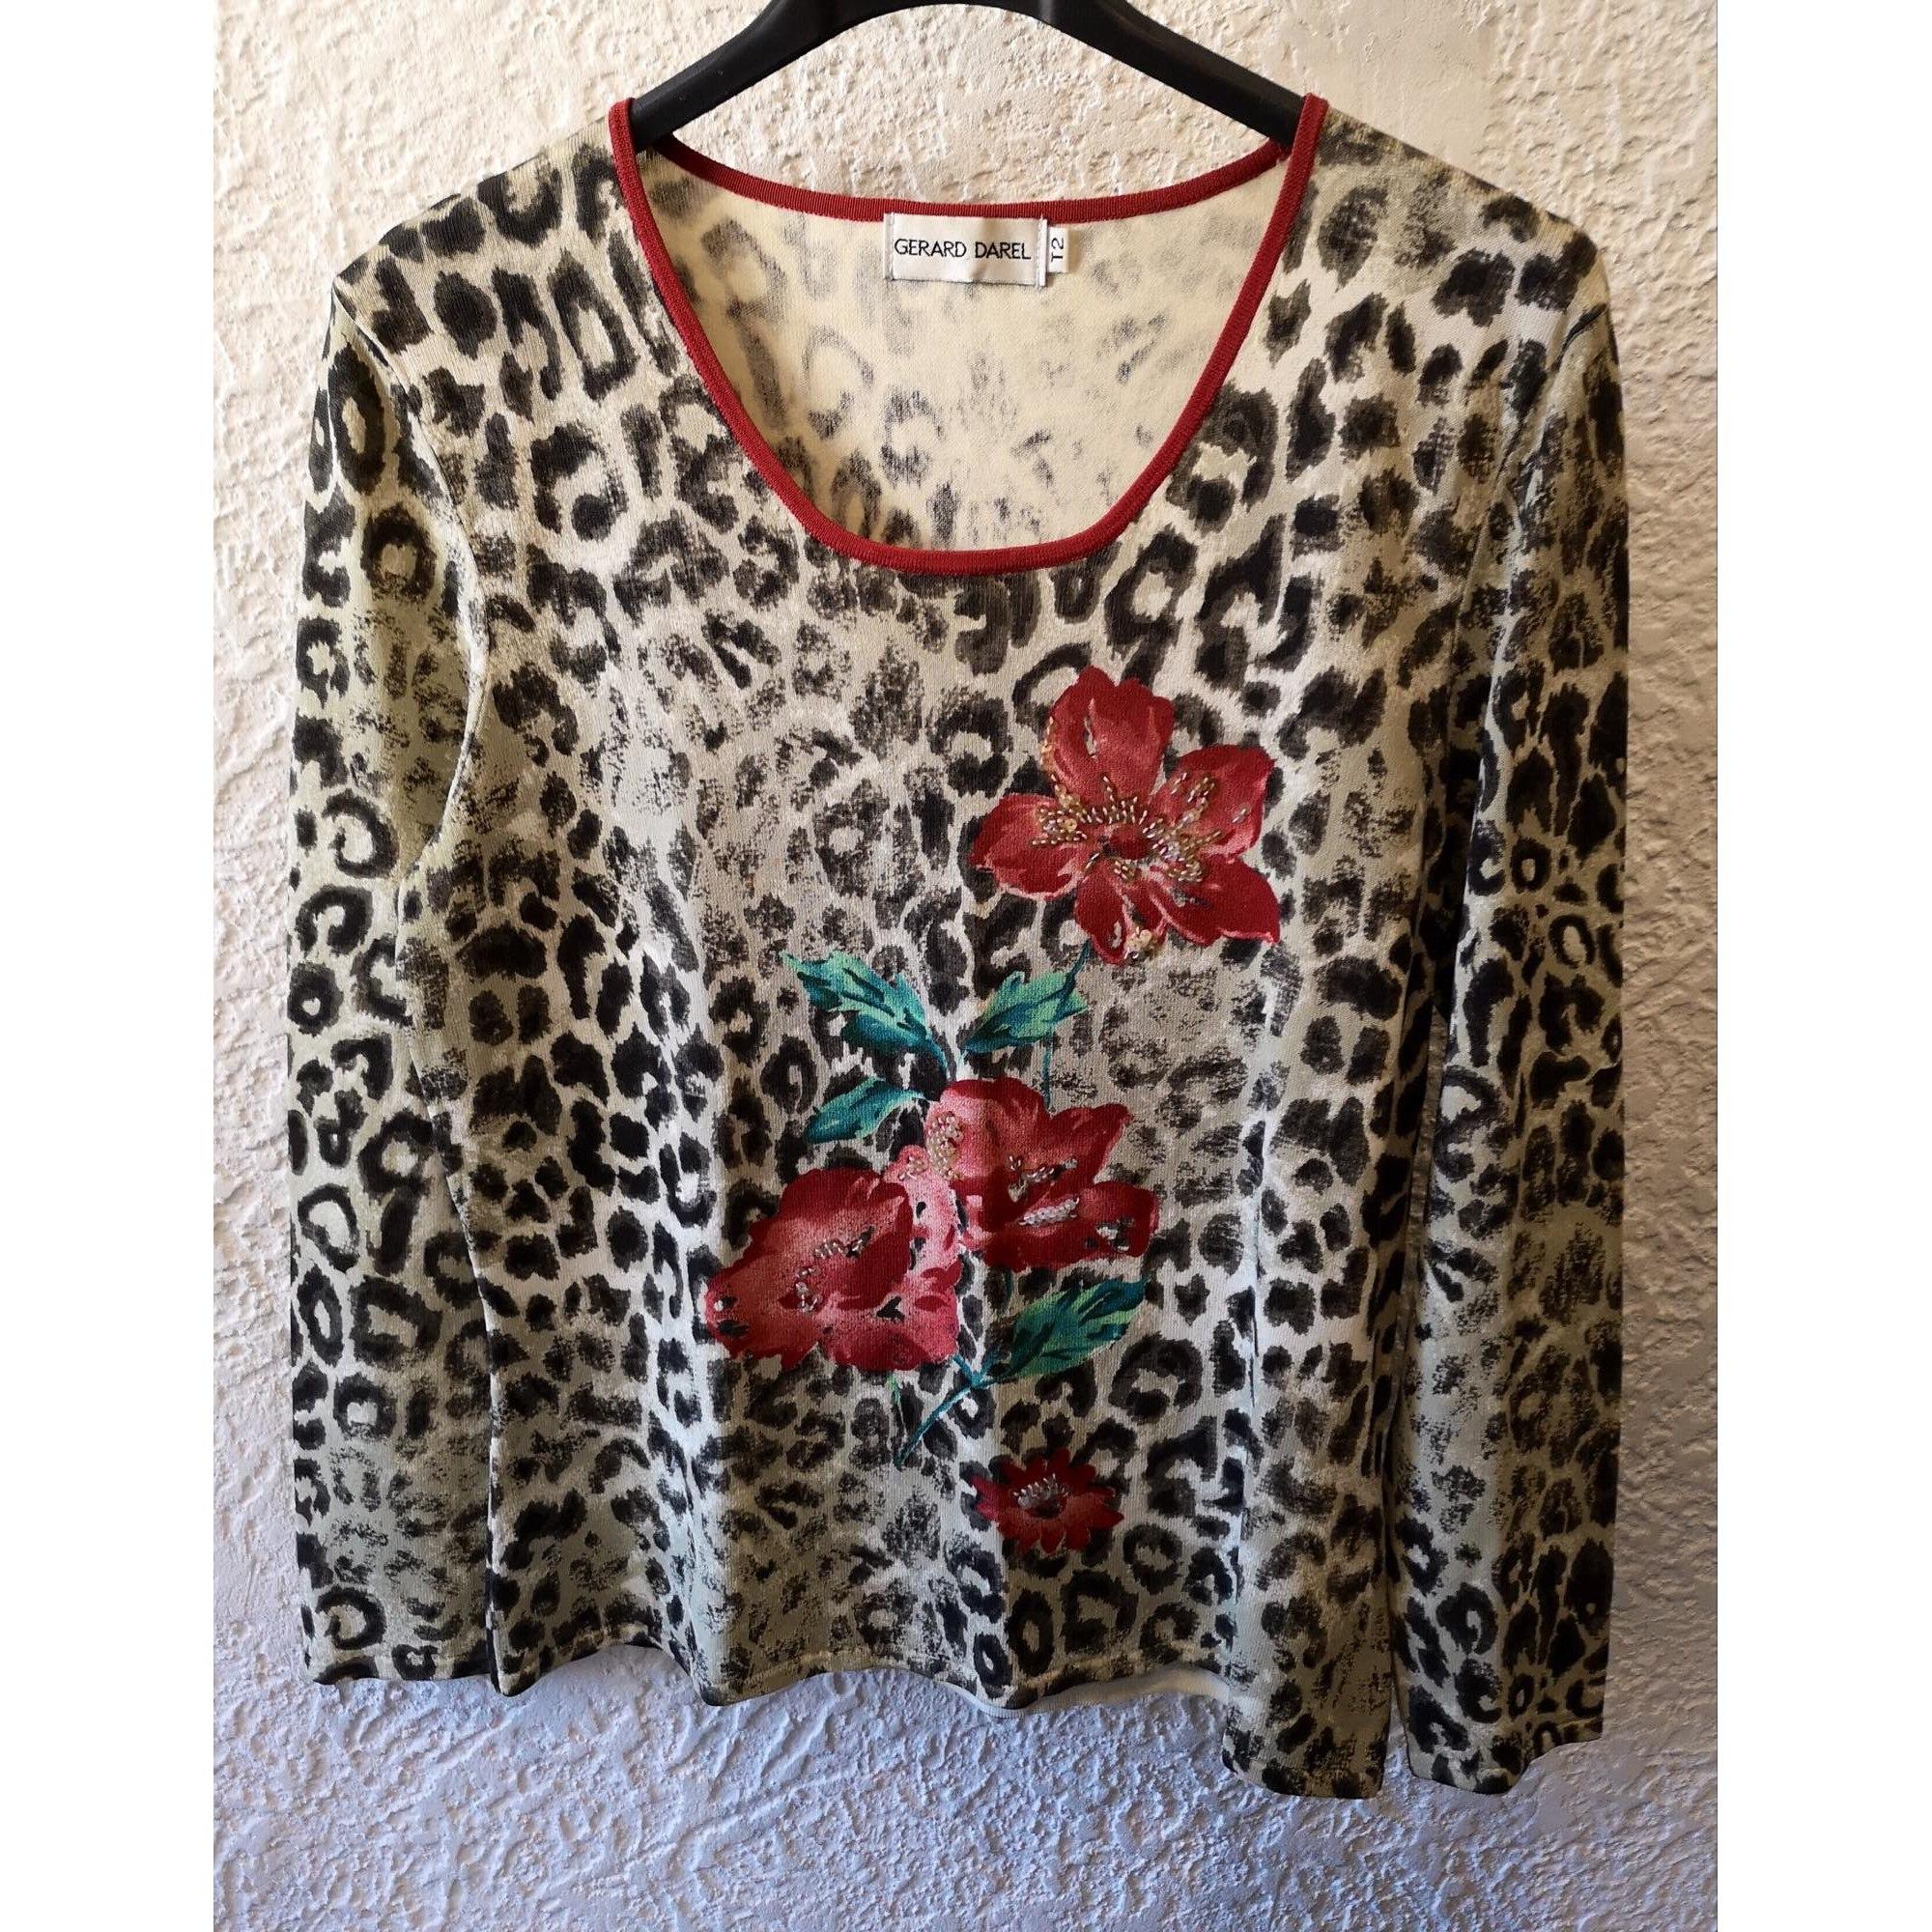 Top, tee-shirt GERARD DAREL Imprimés animaliers